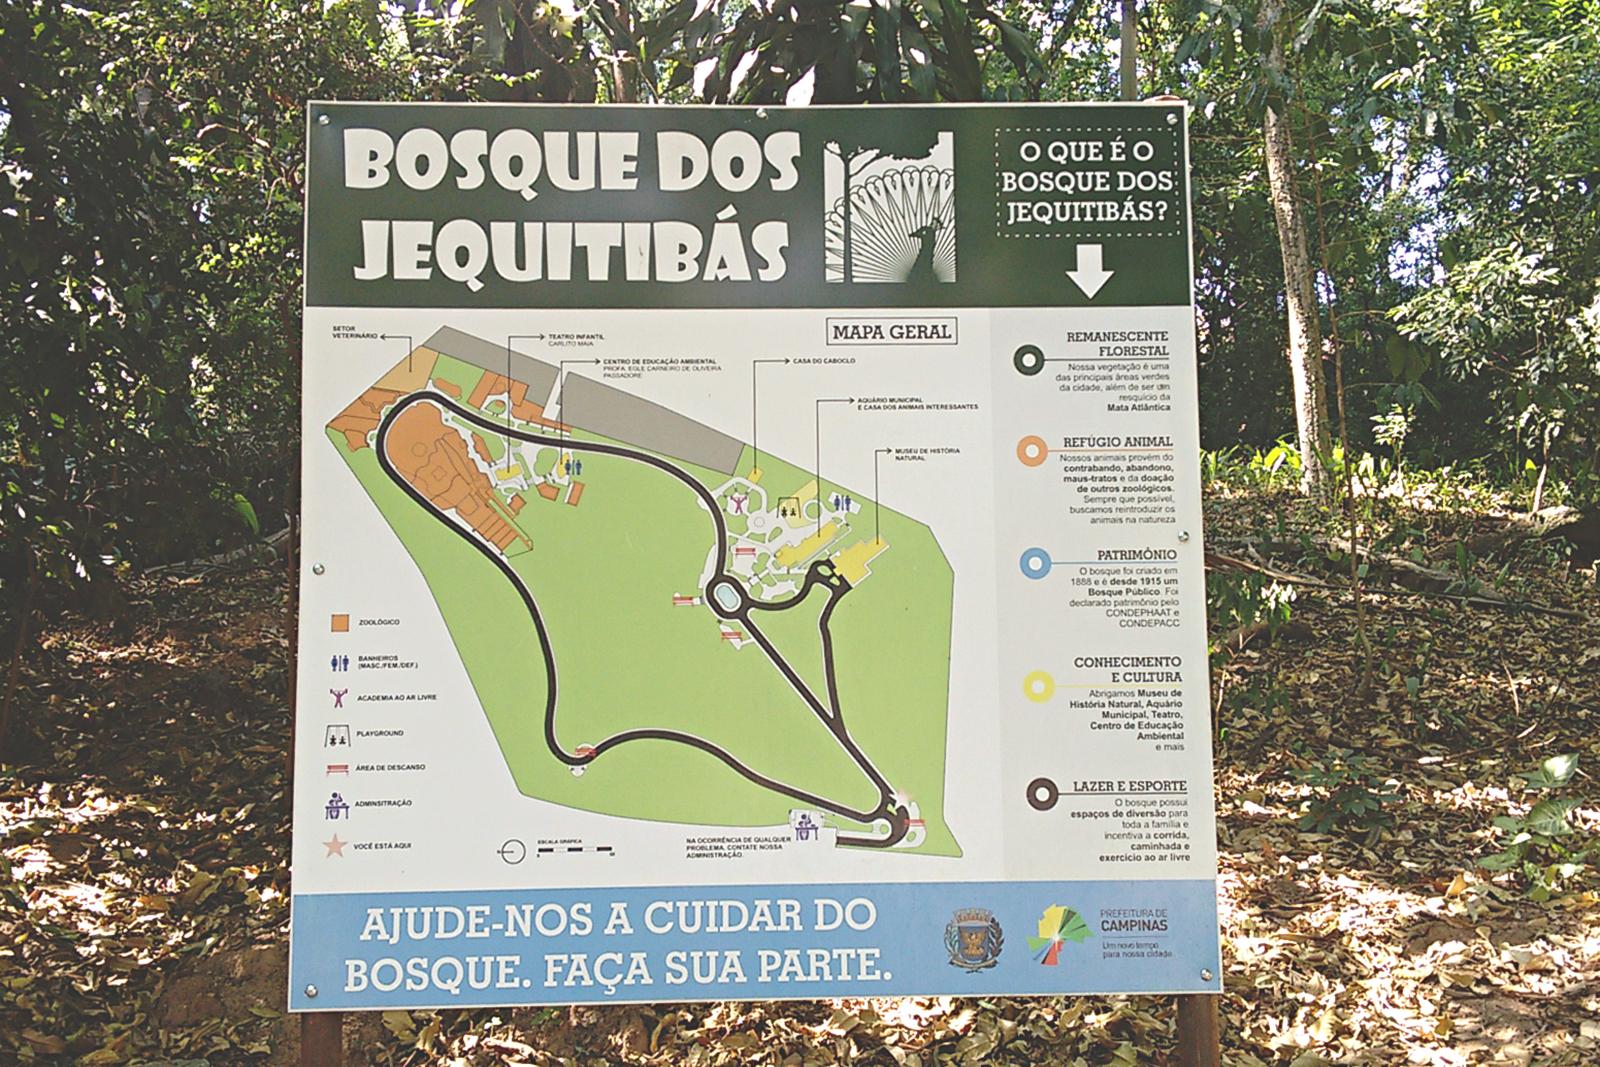 mapa bosque dos jequitibas